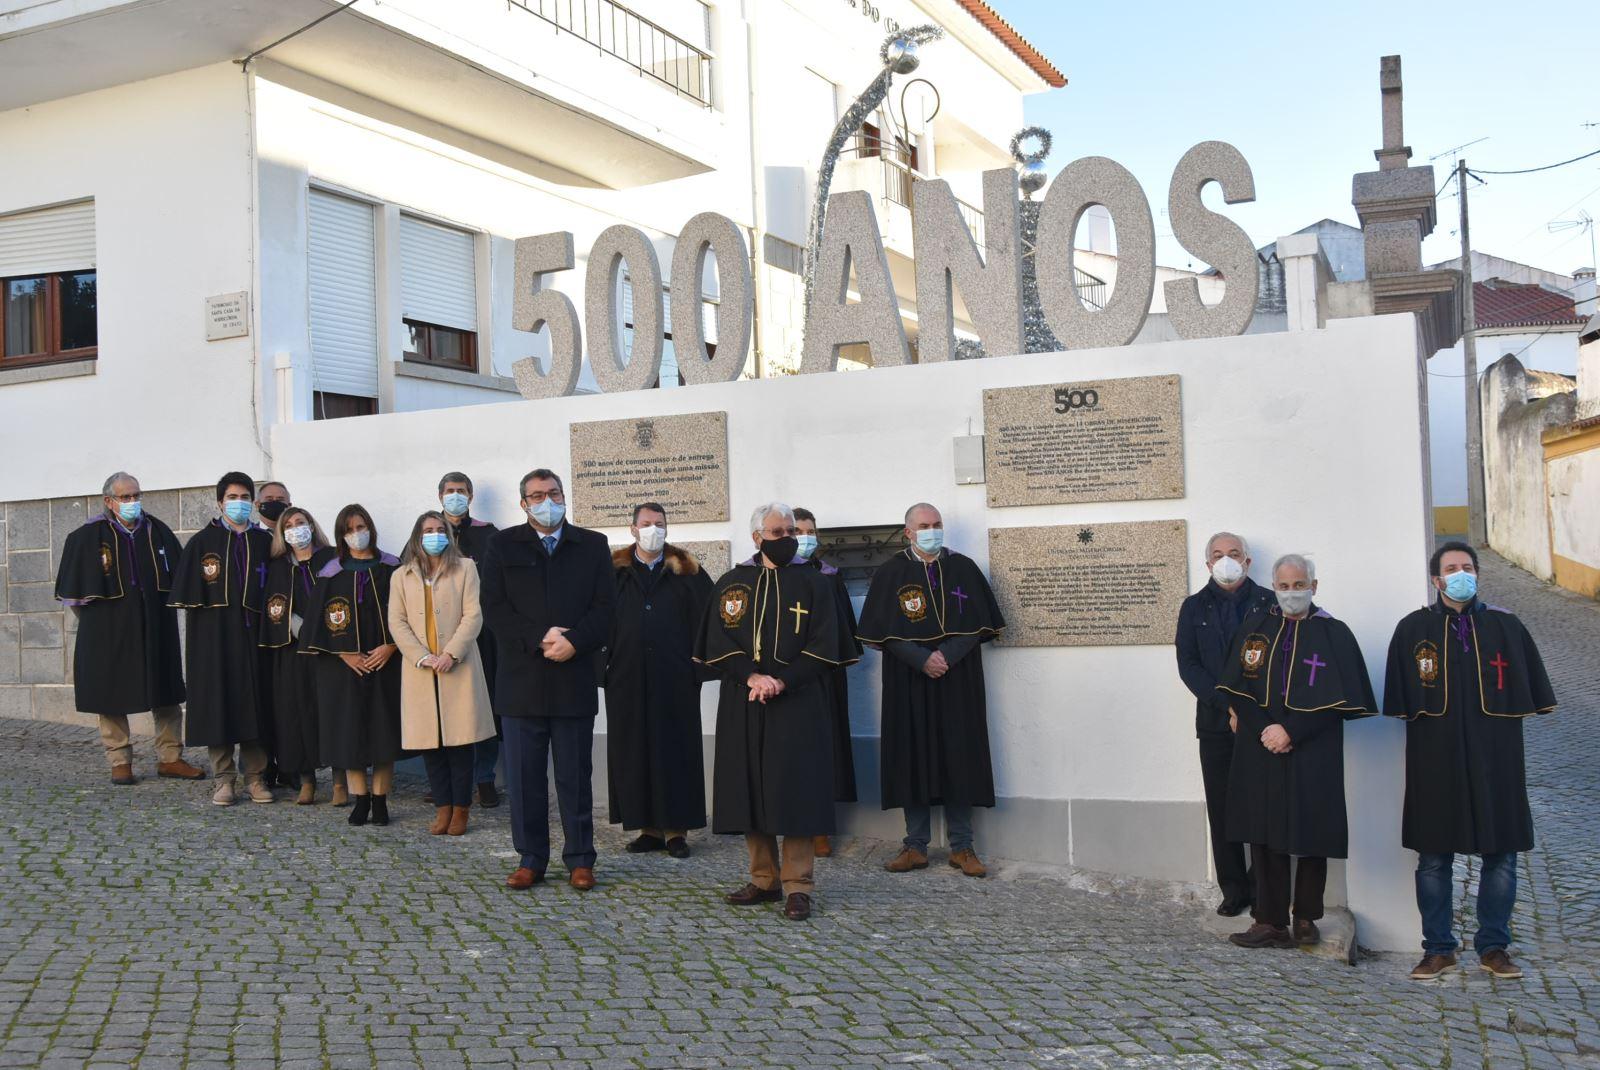 Crato | Homenagem para celebrar 500 anos dedicados à causa